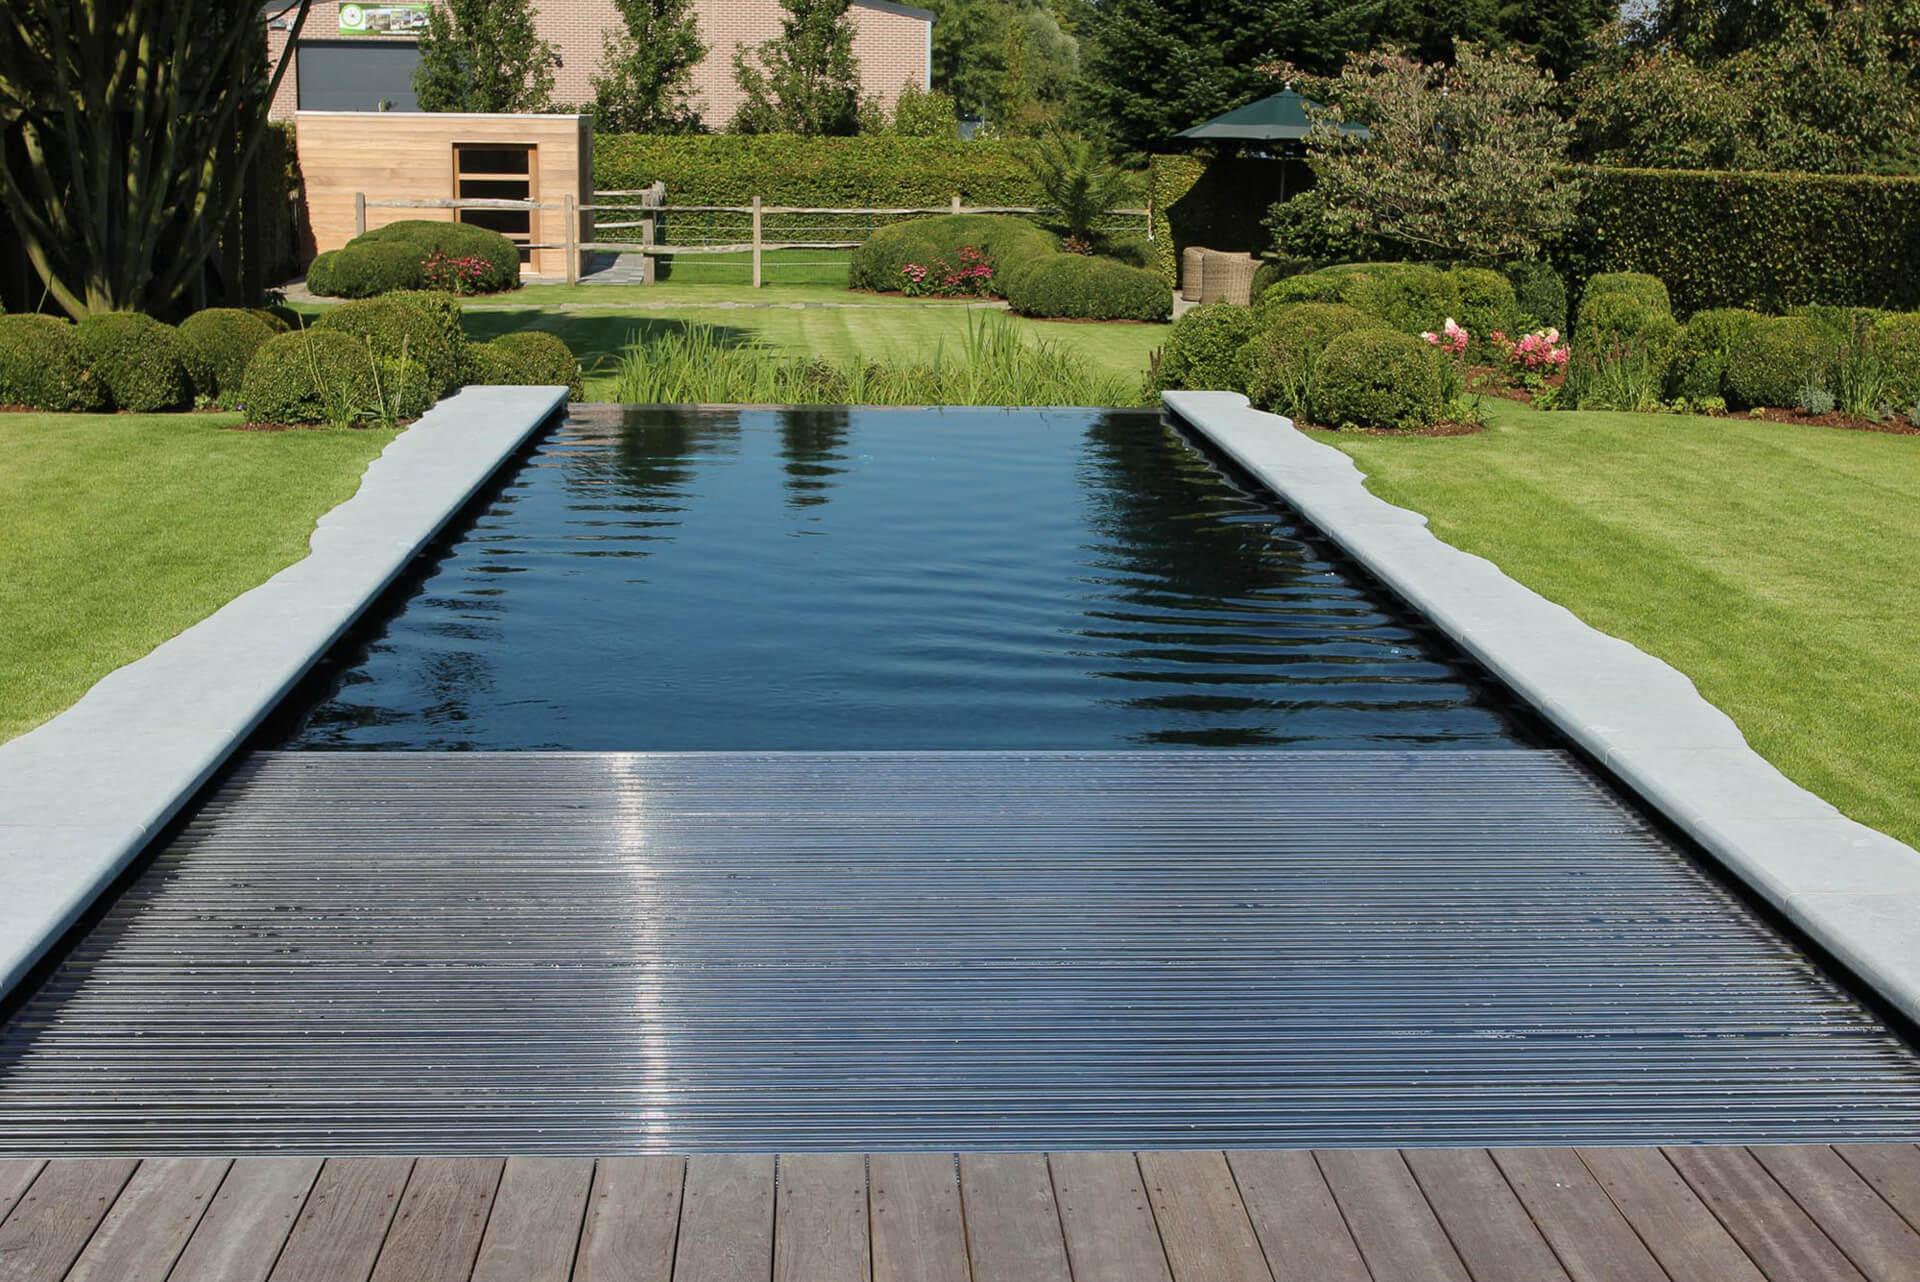 Rechthoekige PurePool met gras aan de zijkanten en donkere zwembadfolie